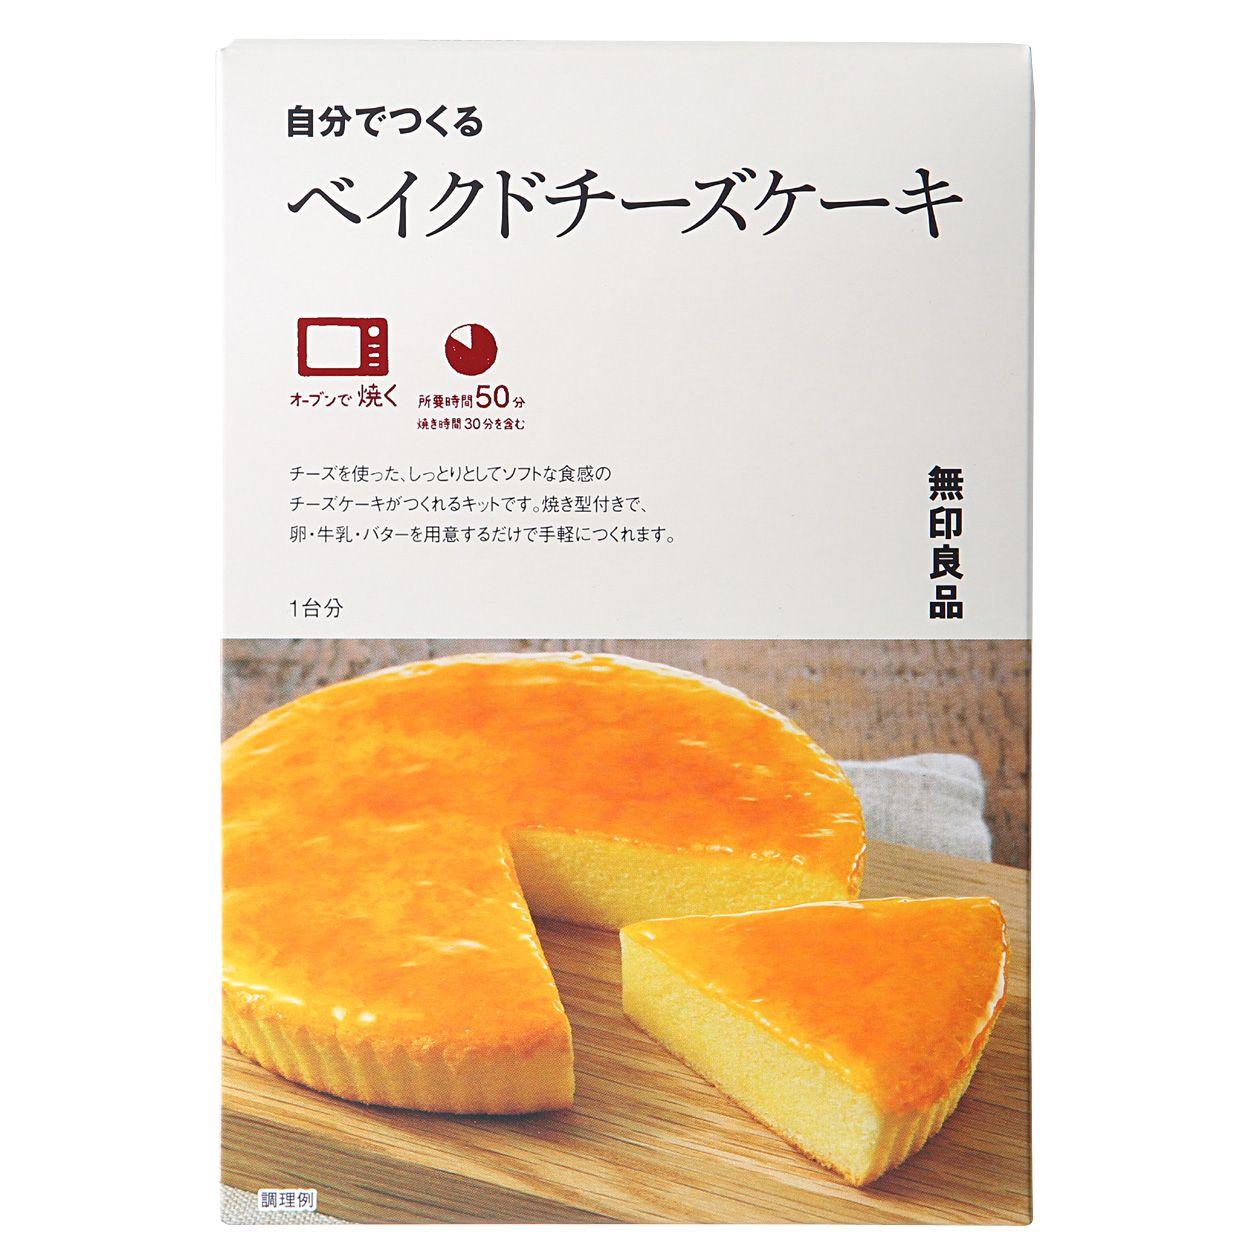 とにかく簡単!無印良品の「自分でつくるベイクドチーズケーキ」